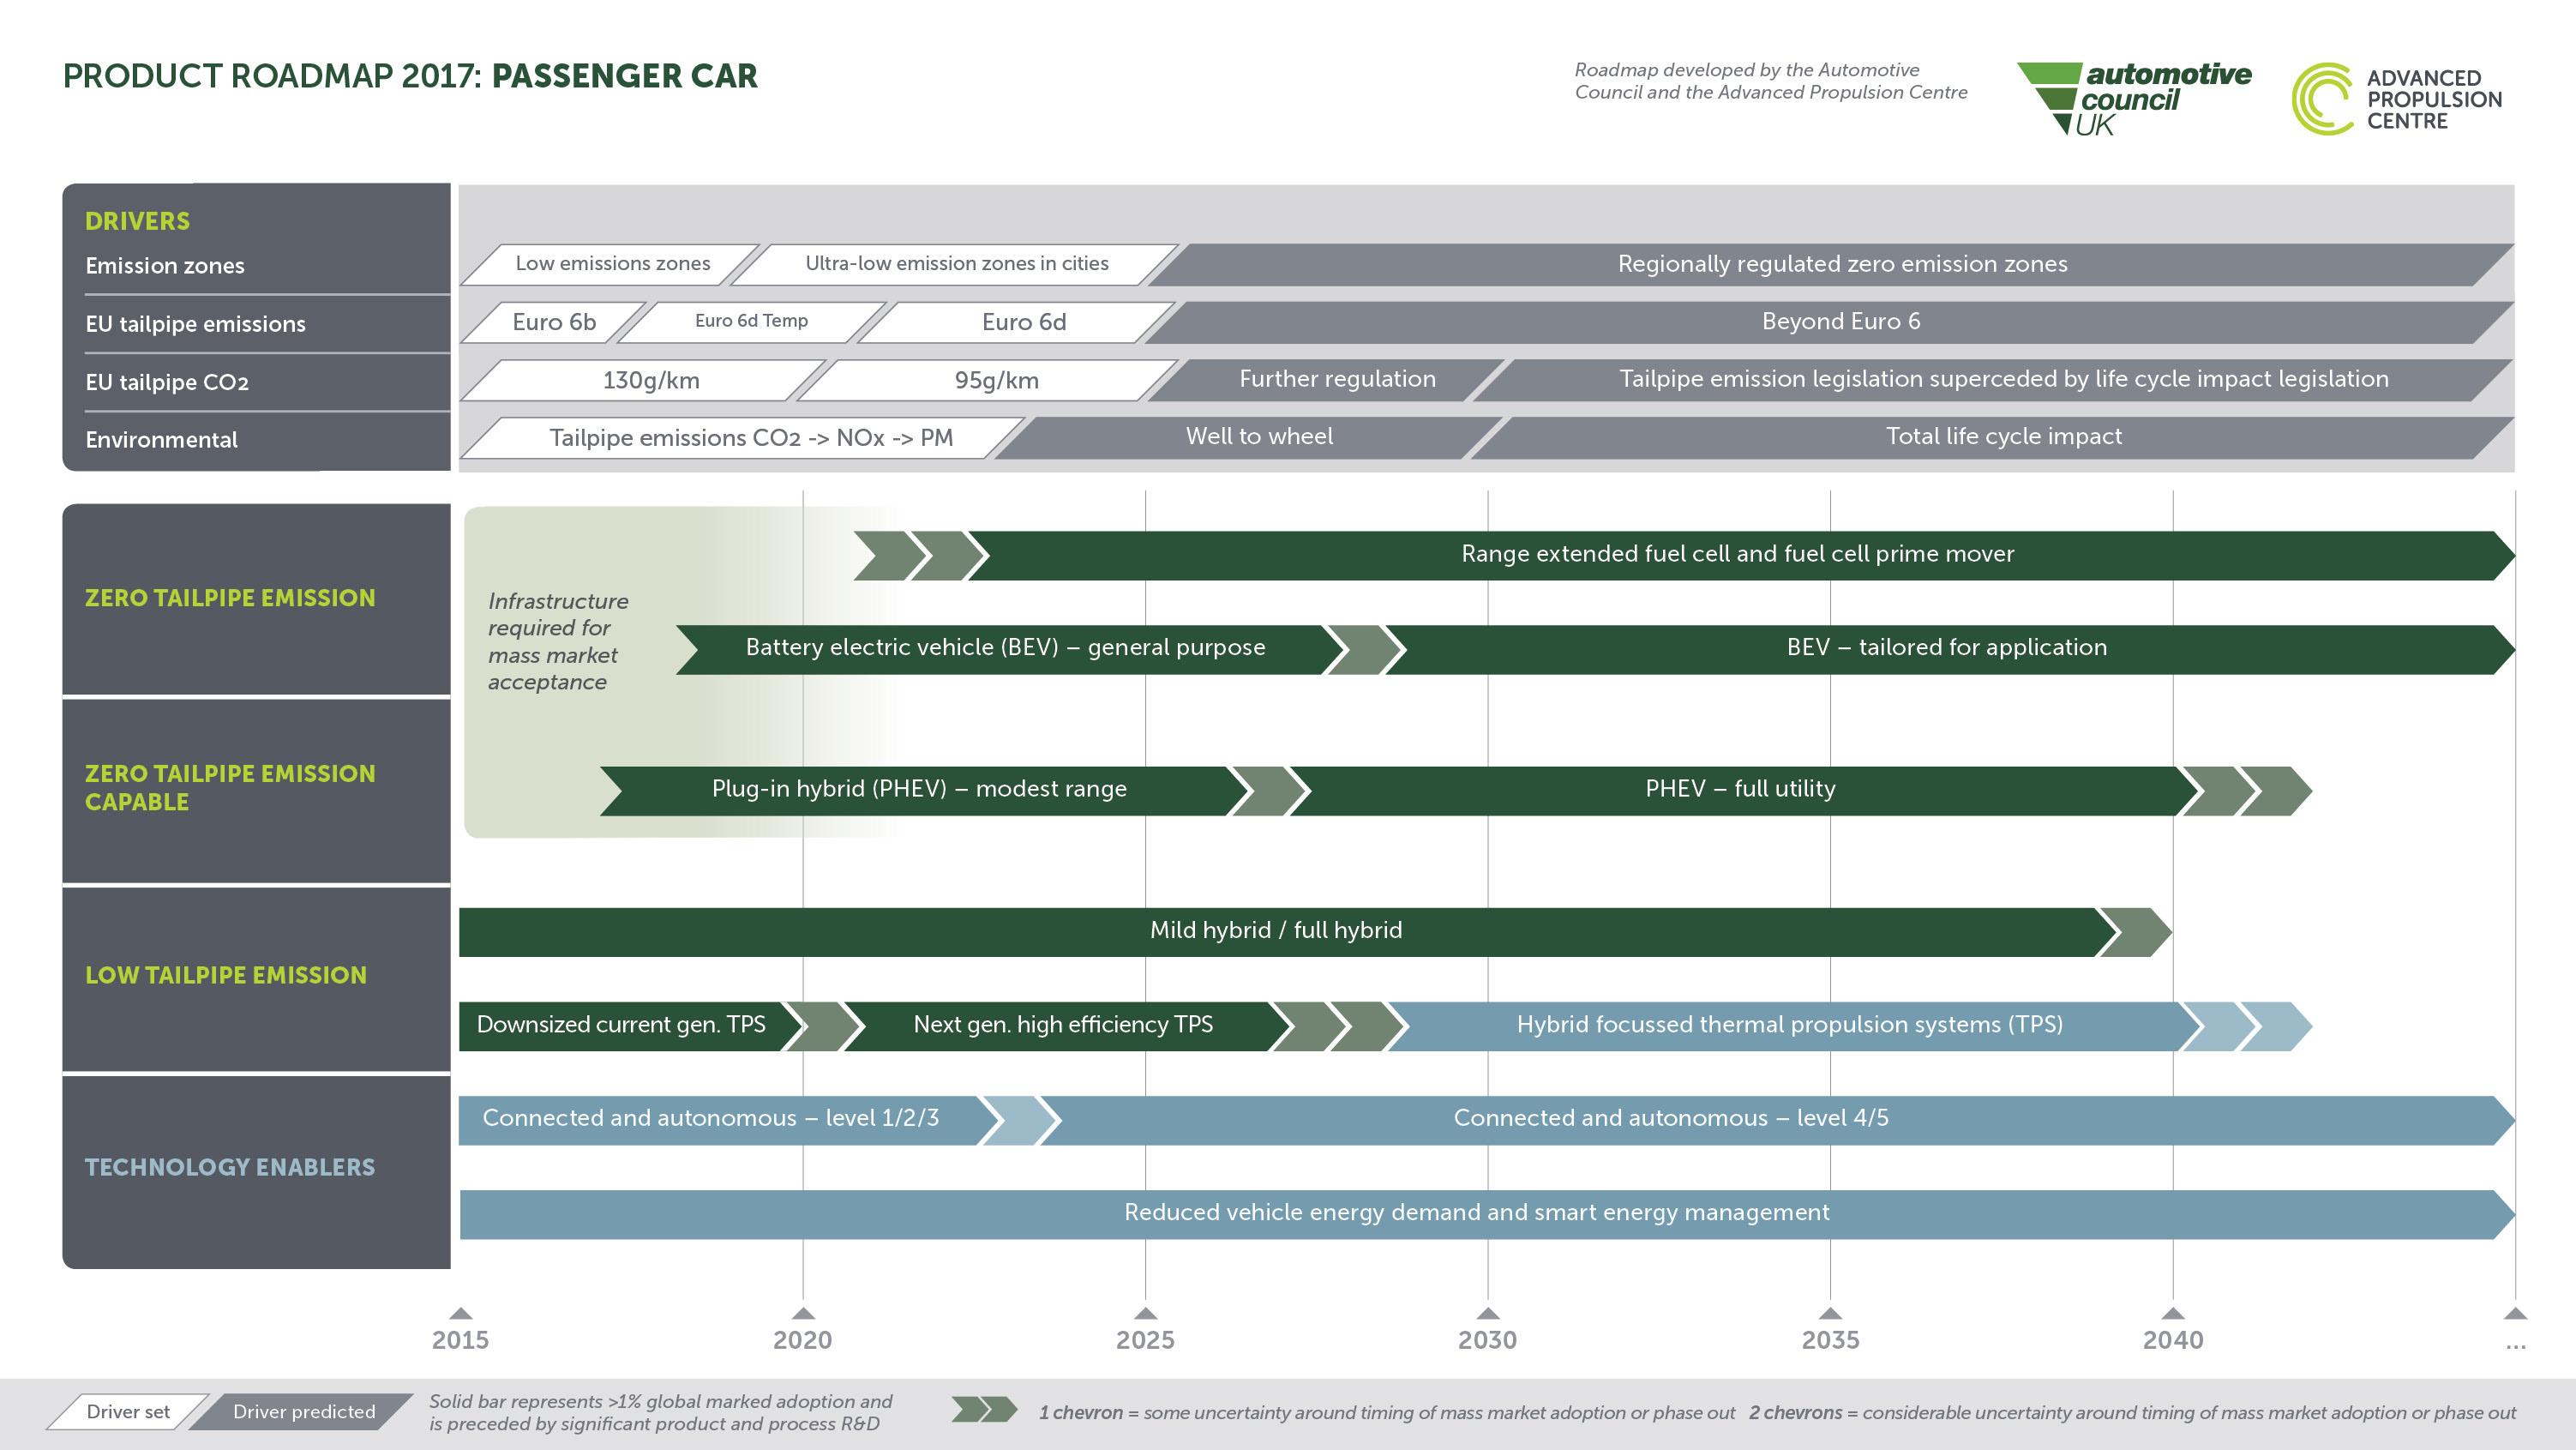 Passenger car low carbon technology roadmap (2017)